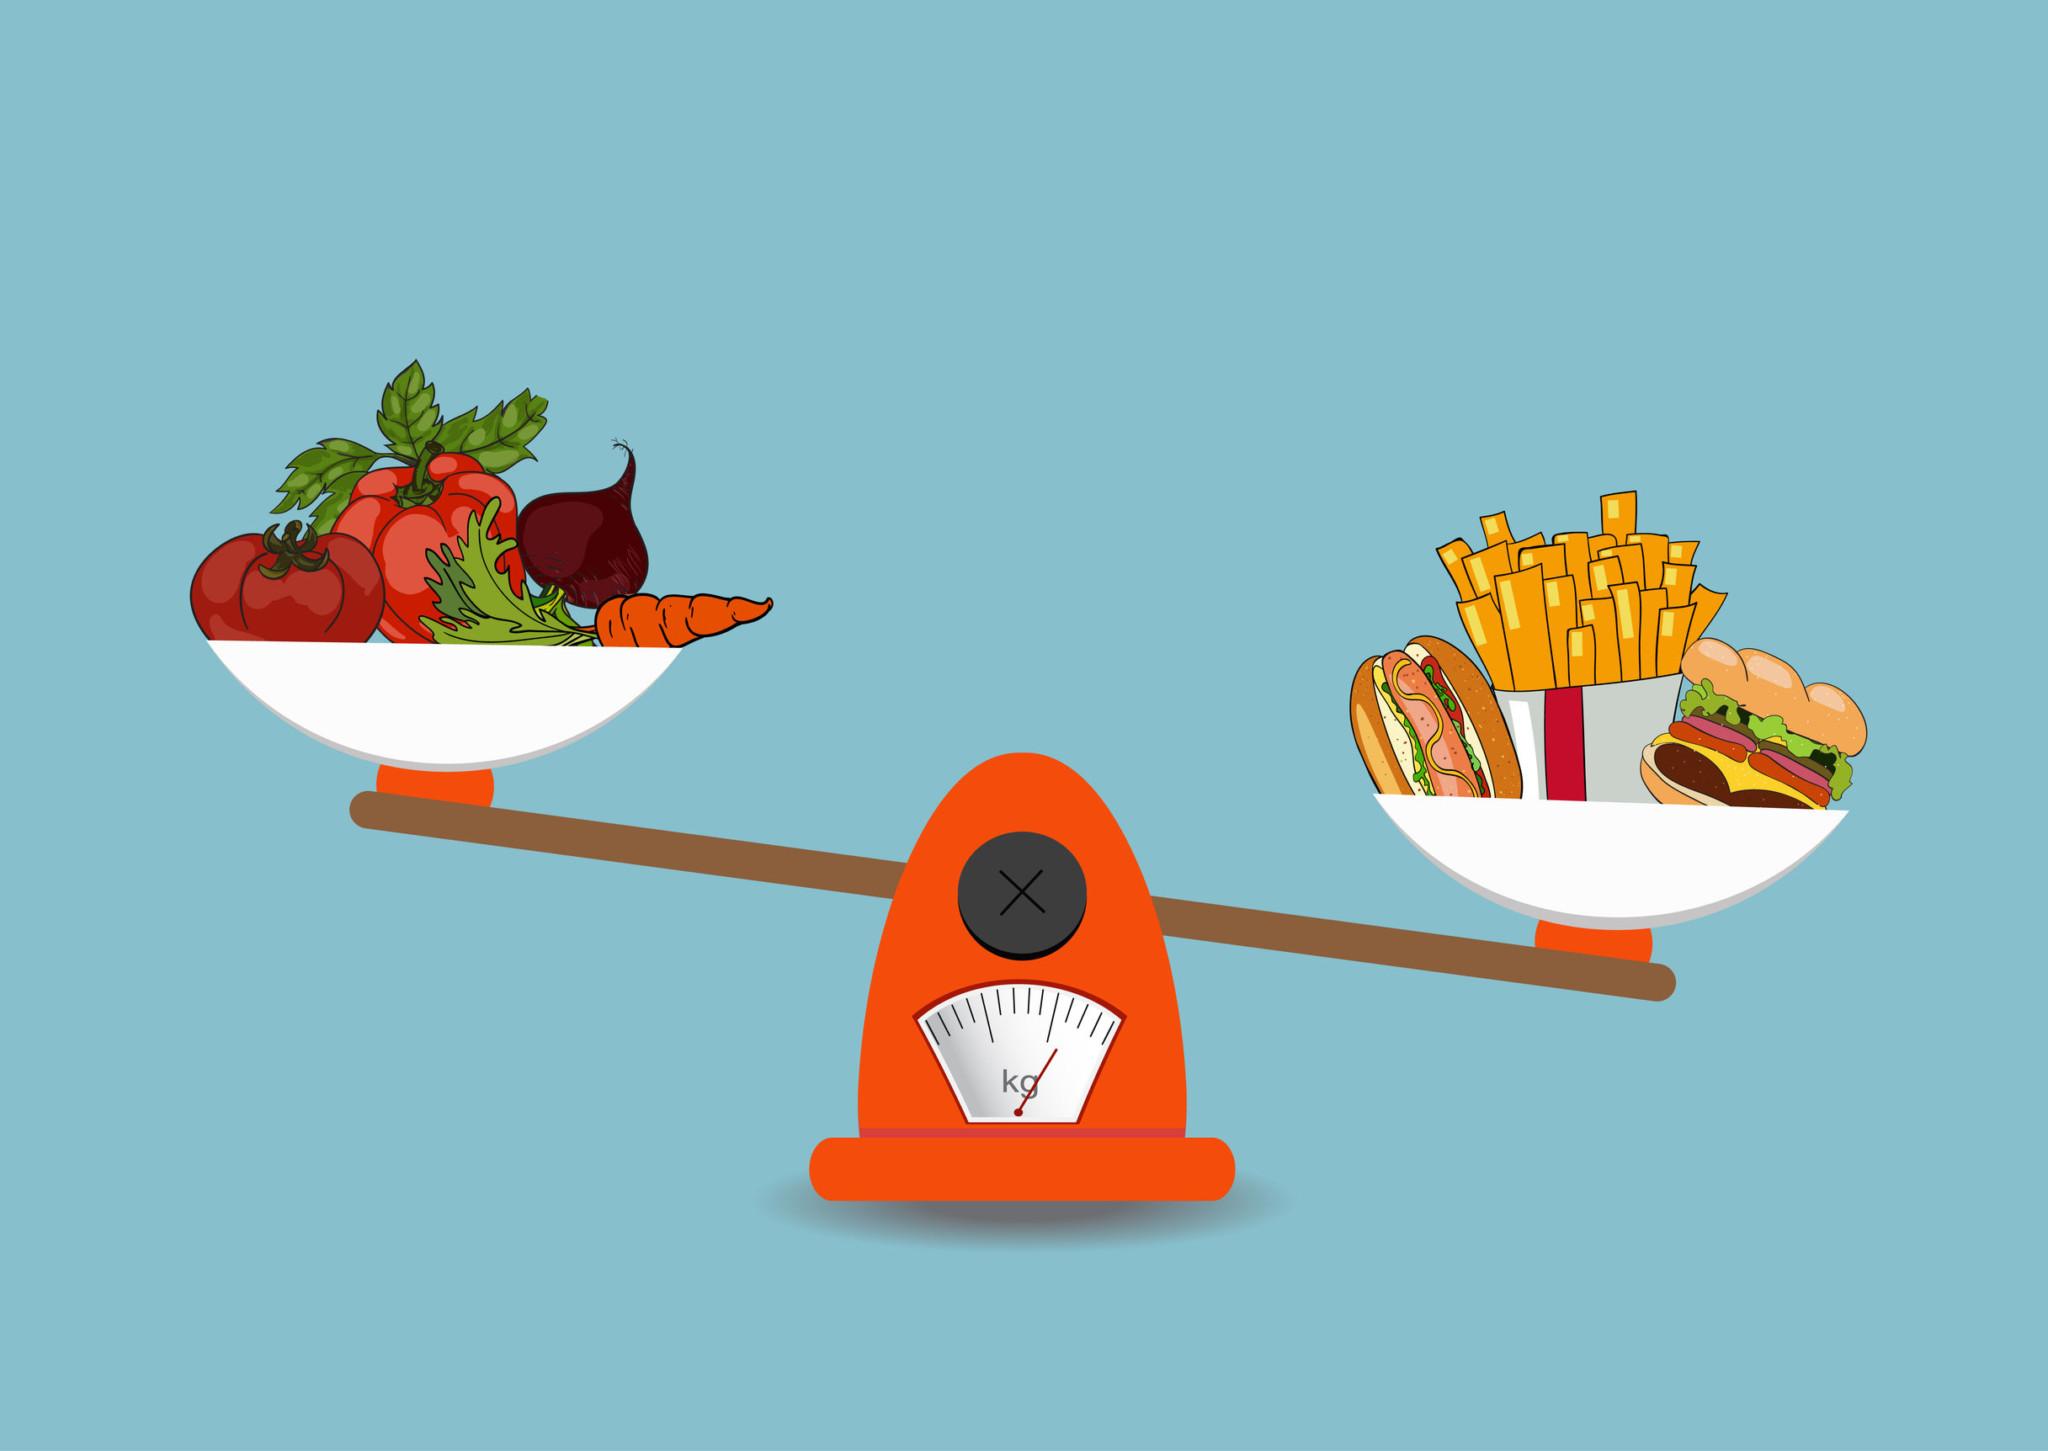 cr- picolinate 2020mcg perte de poids perdre une livre de graisse corporelle